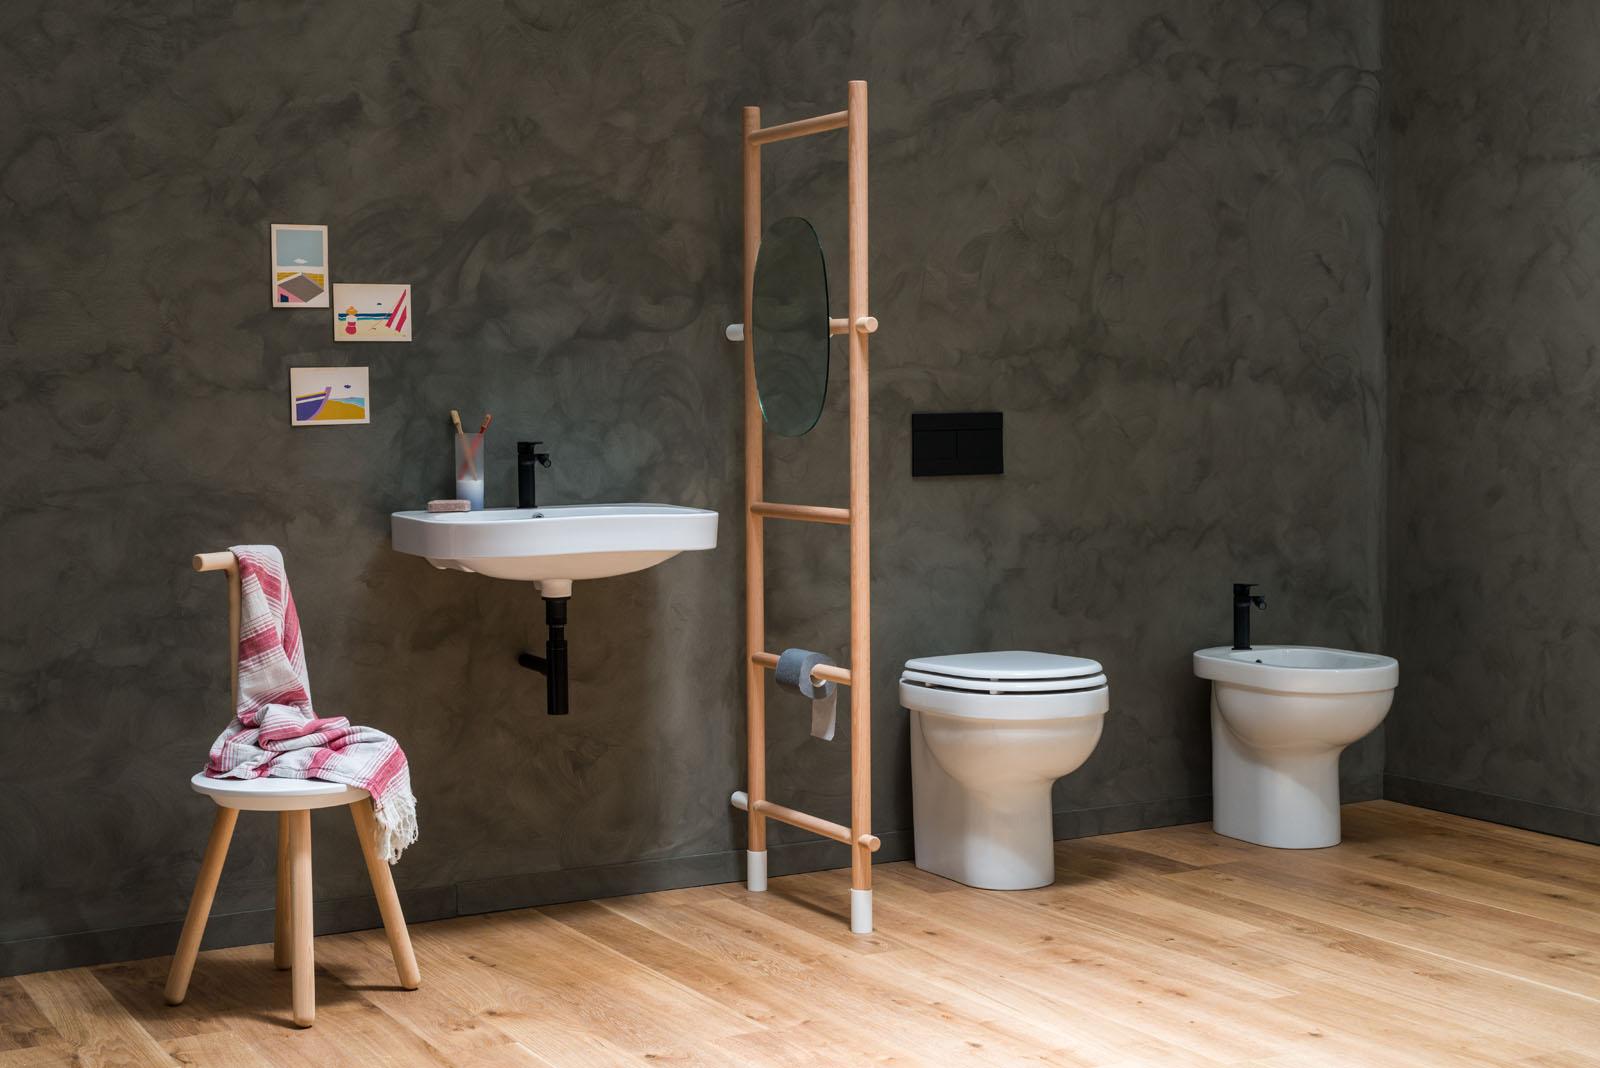 Bagno Senza Bidet Normativa idee e spunti per un bagno accessibile a tutti | modo d